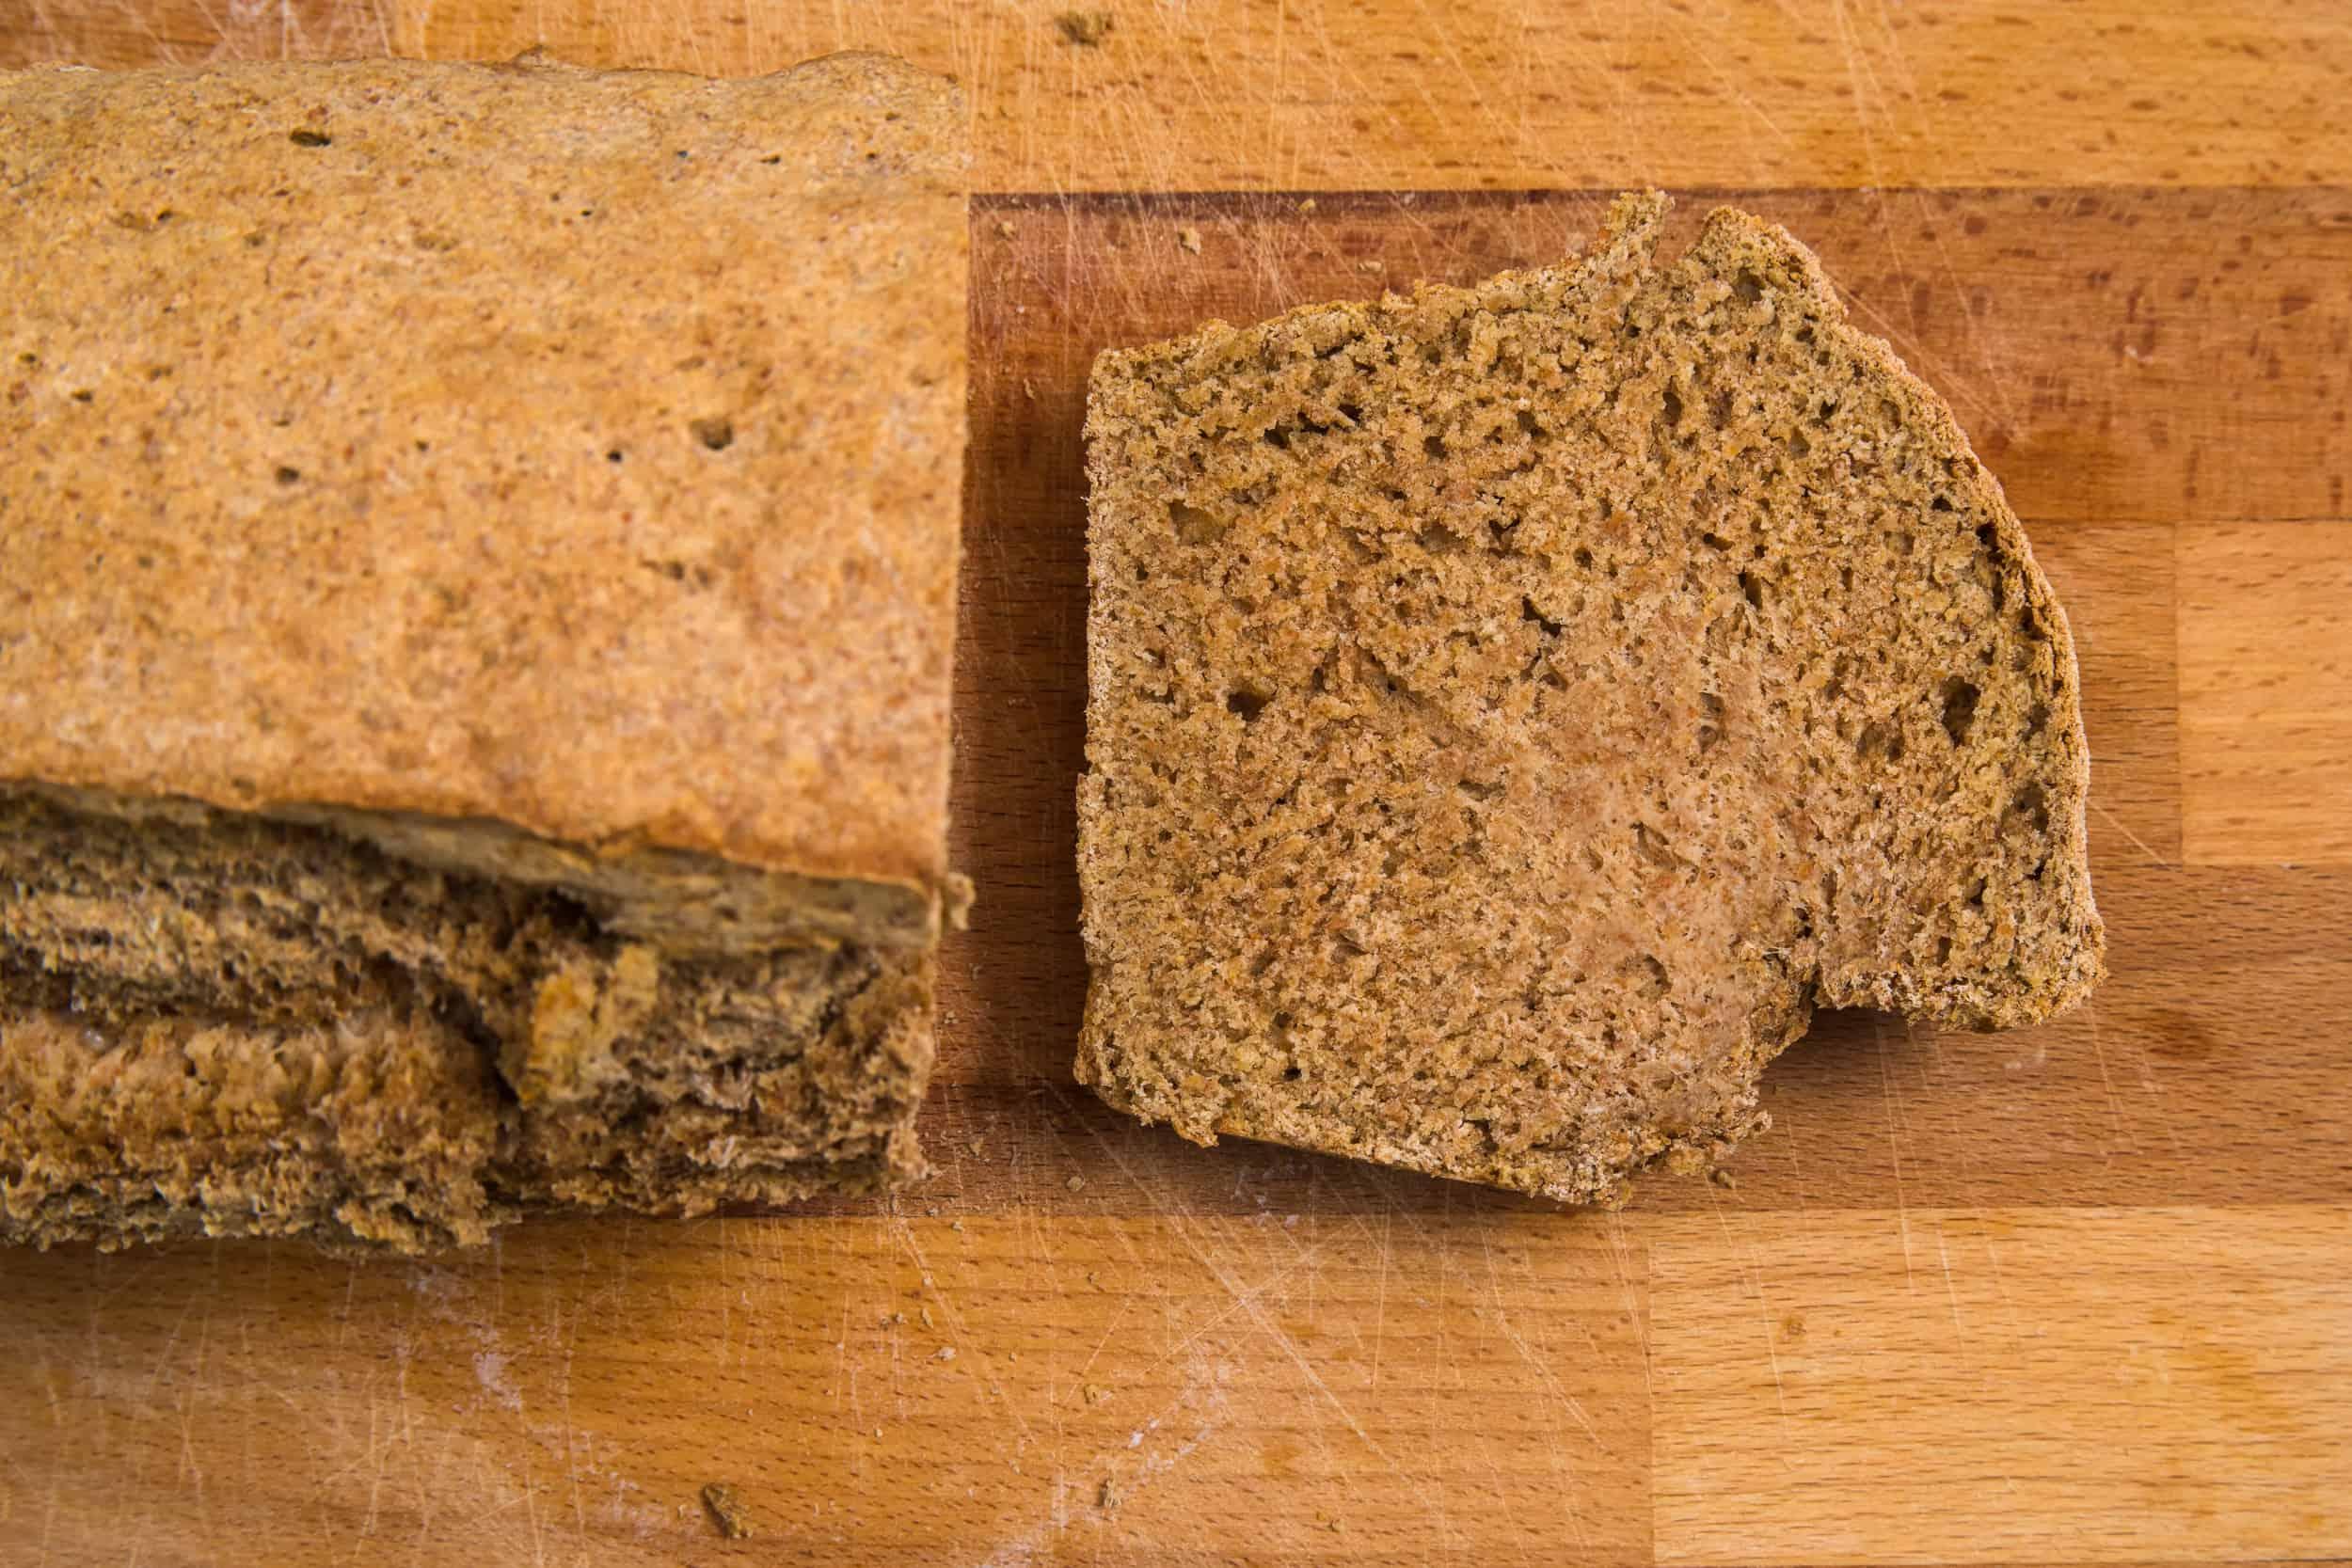 Ein abgeschnittenes Stück Ale-Brot neben dem ganzen Brotlaib